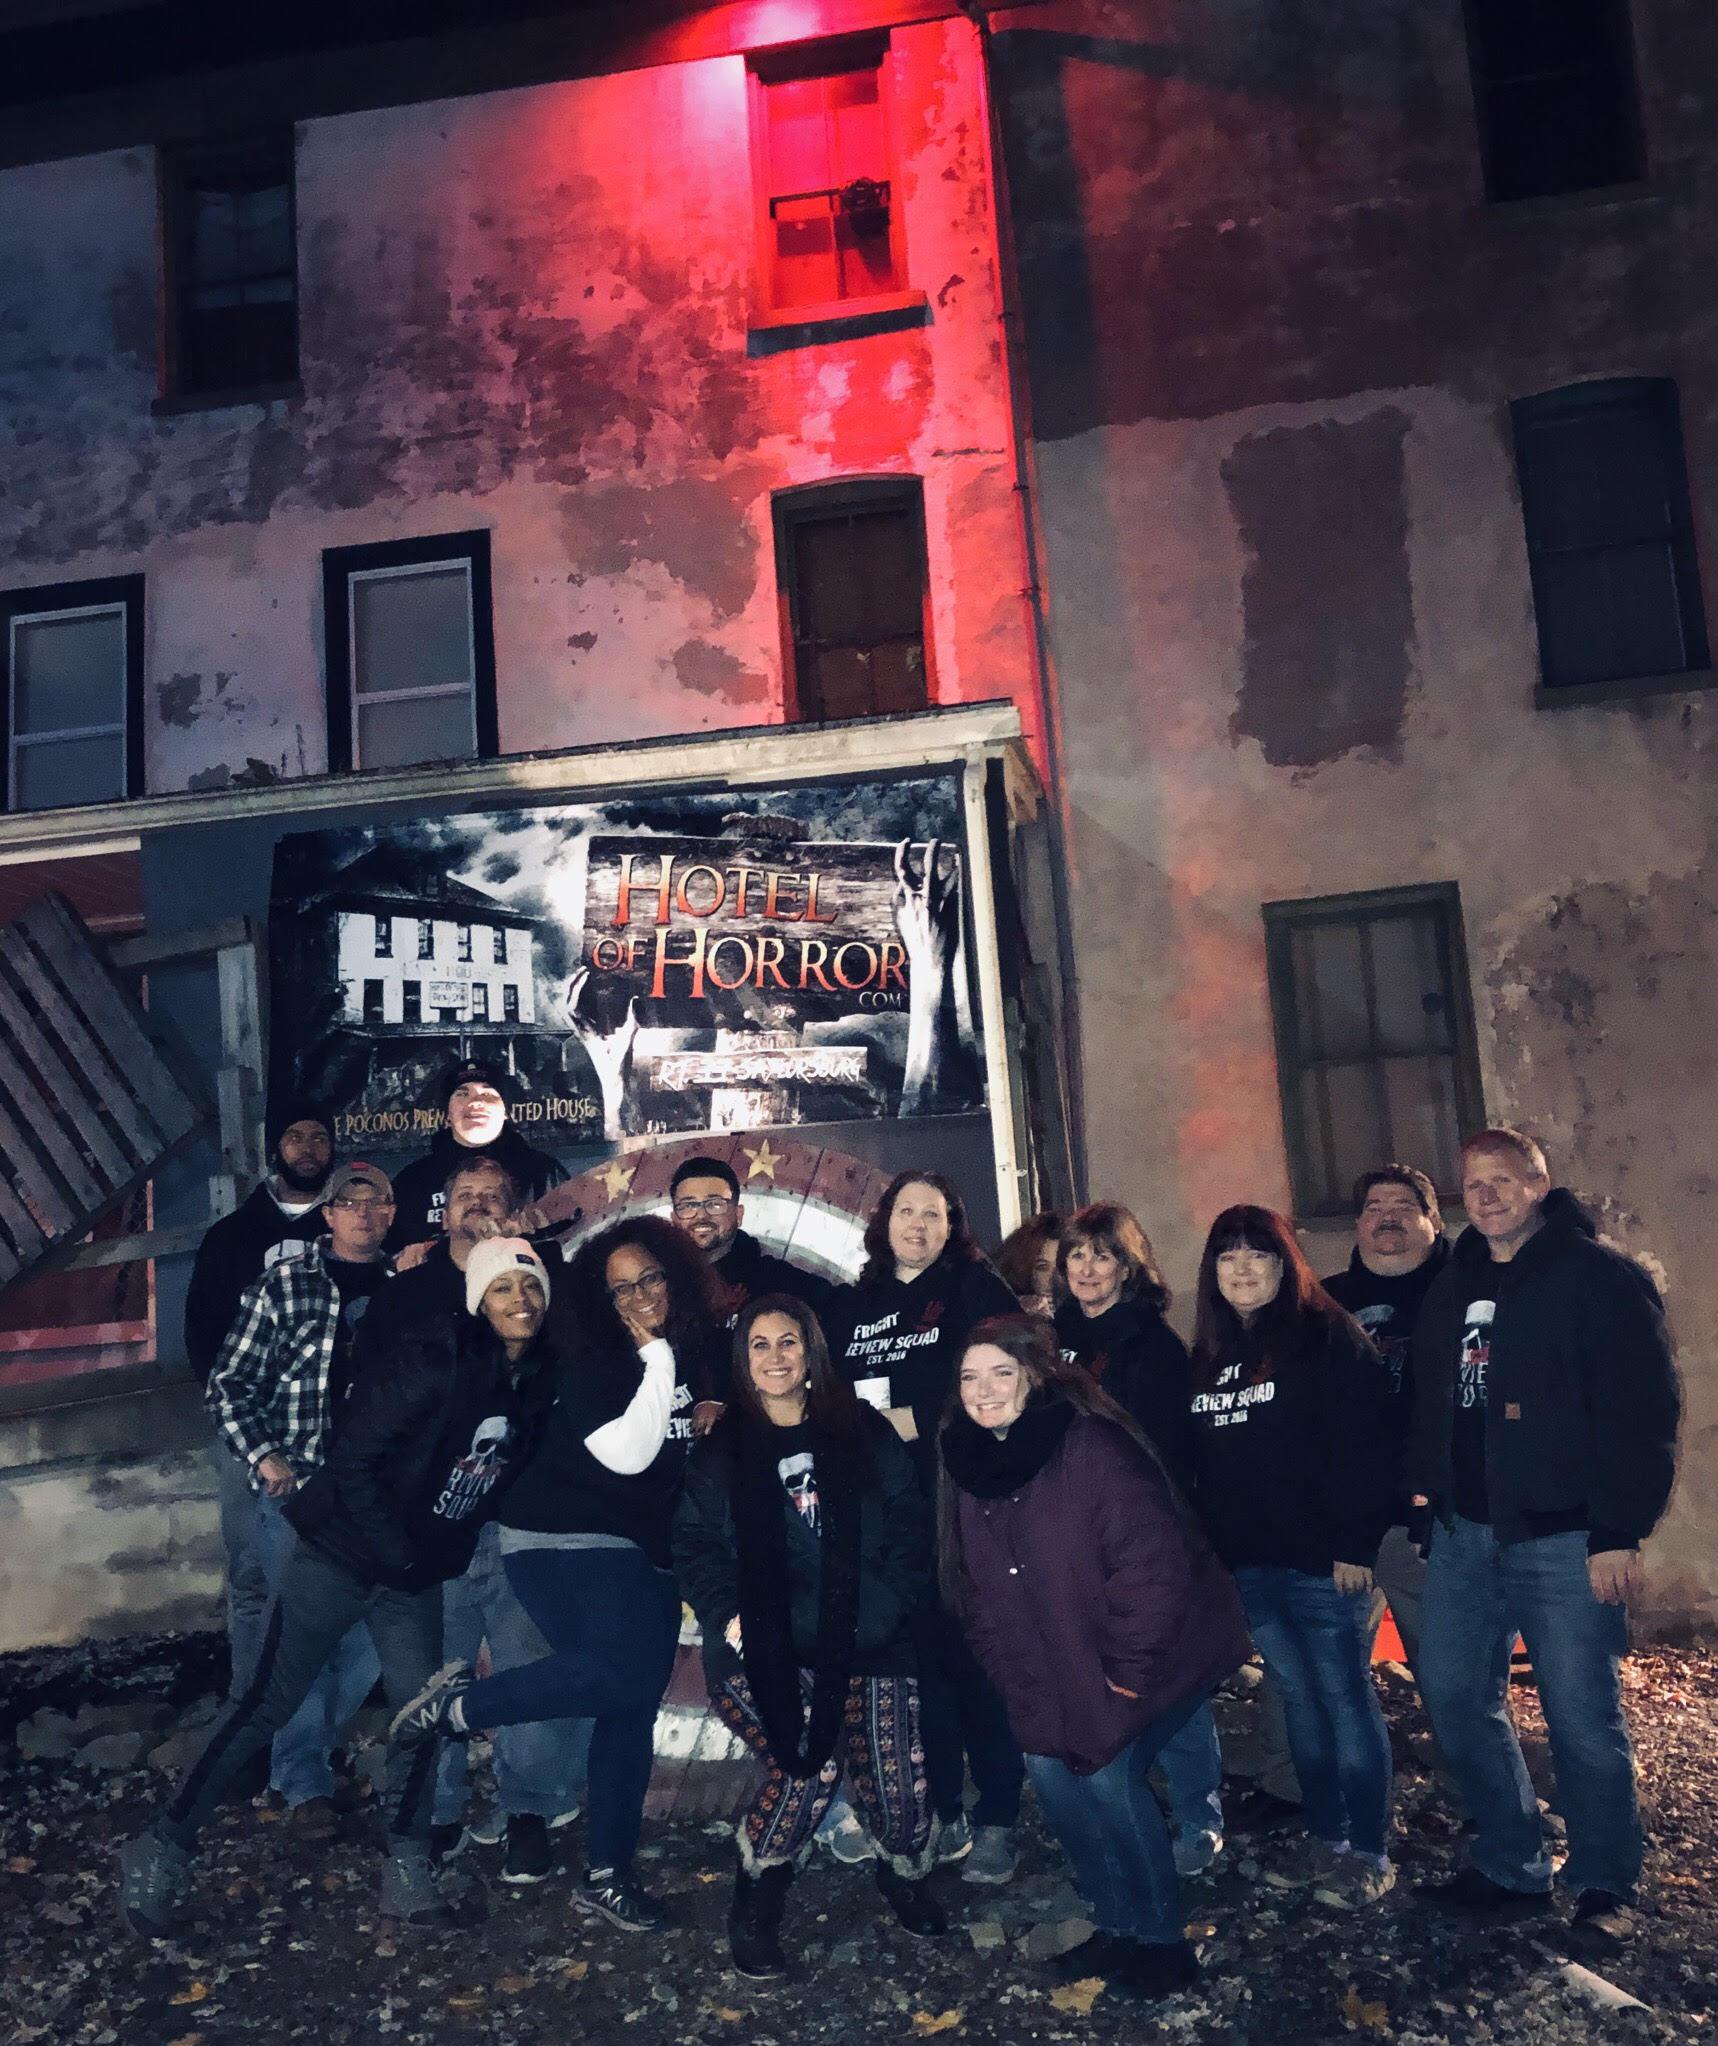 Hotel of Horror 2019.jpg